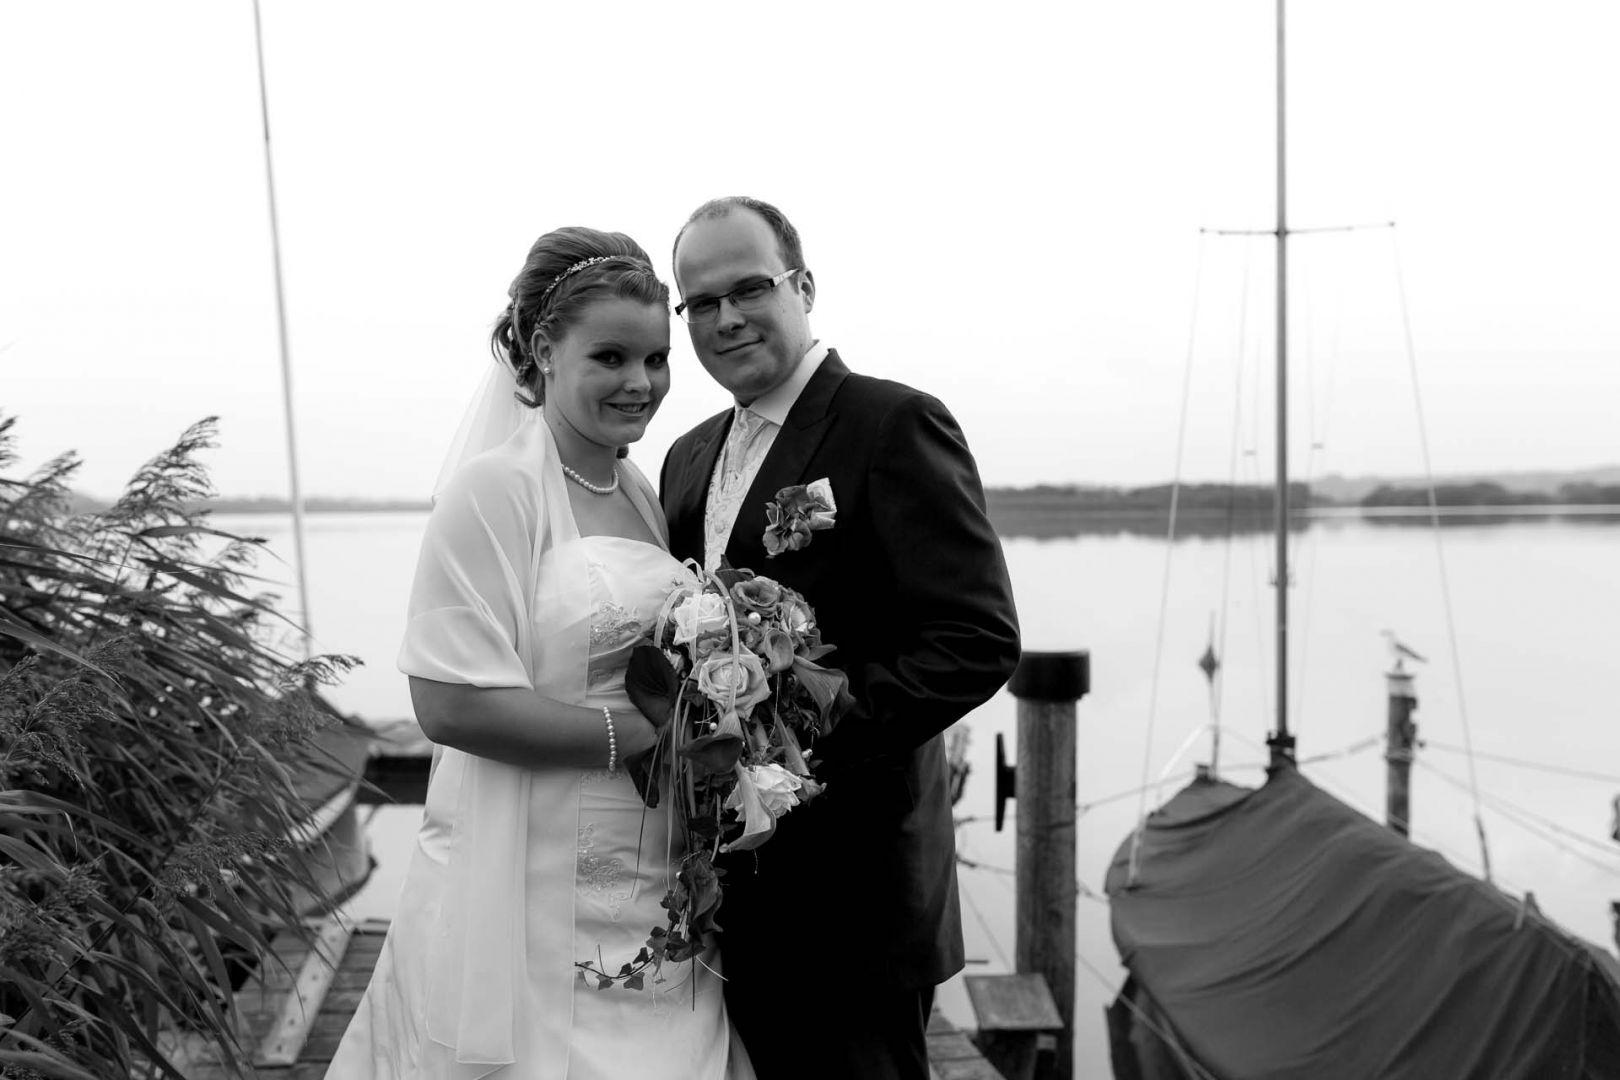 Das Brautpaar am See - Hochzeit in Spohienhof bei Preetz von Kerstin und Sebastian aus Hamburg